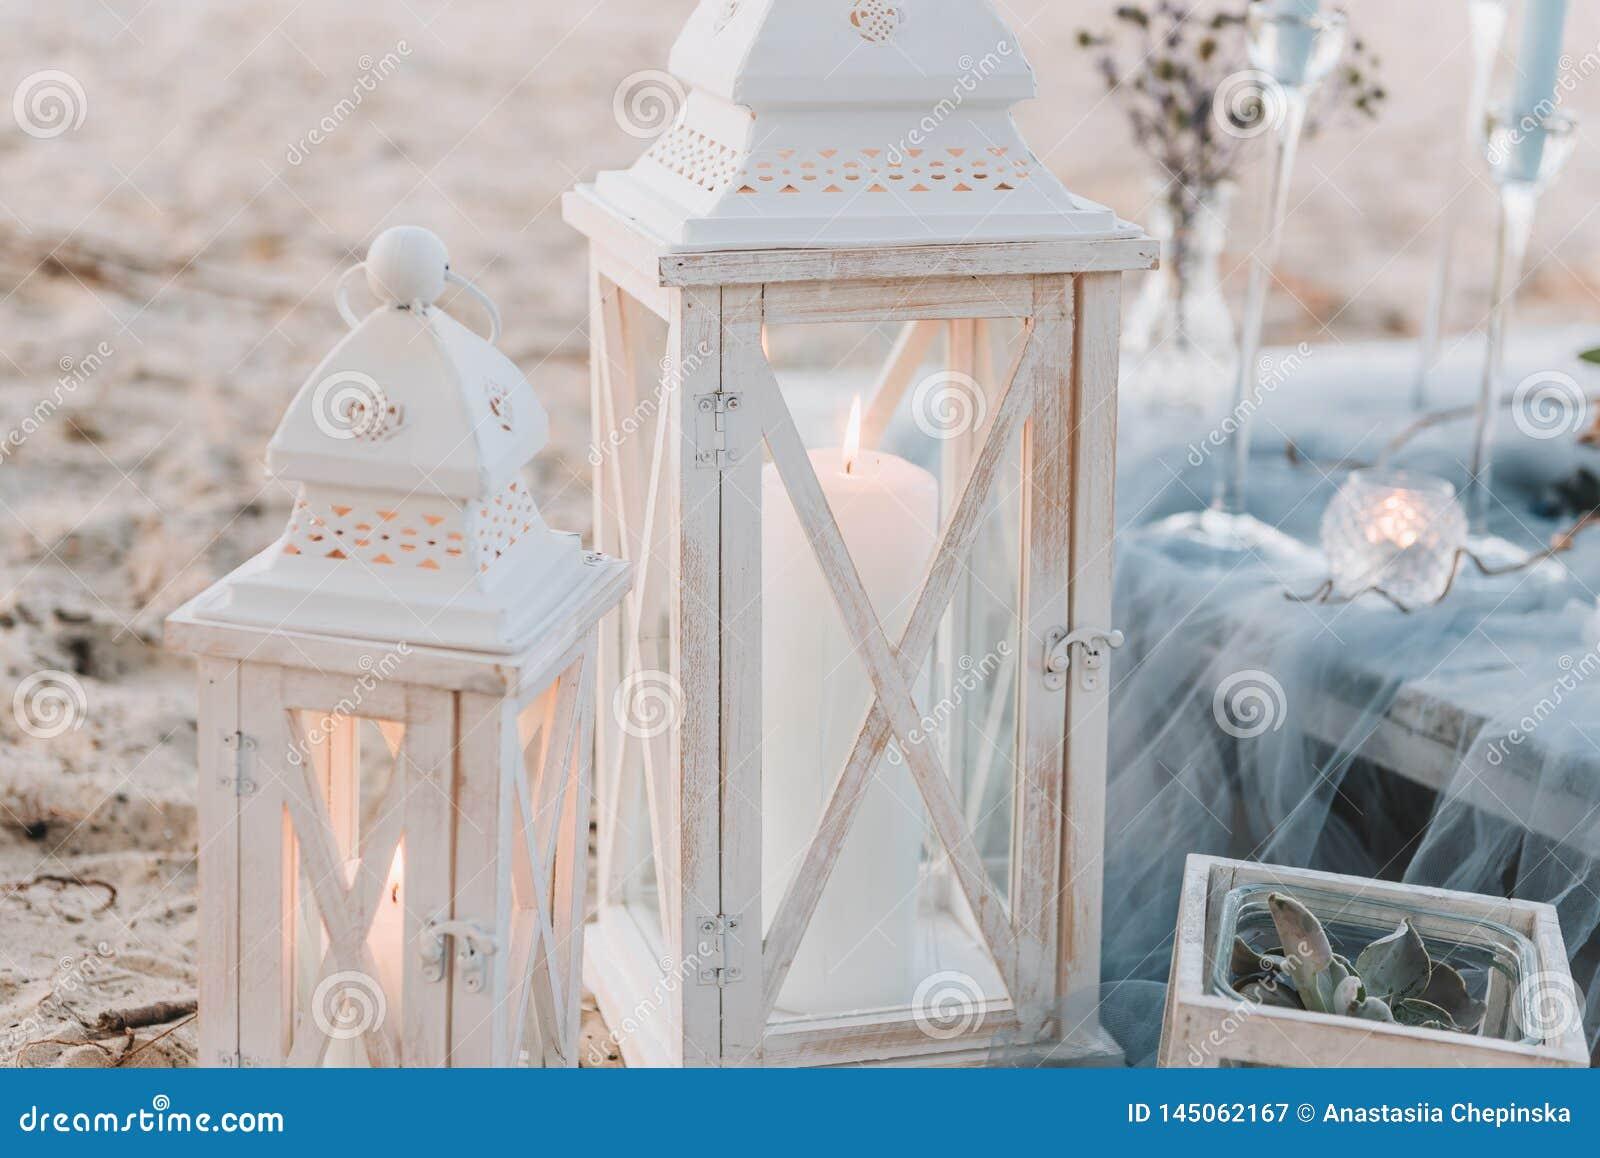 Большие свечи рядом с элегантной установкой таблицы в голубых пастеля